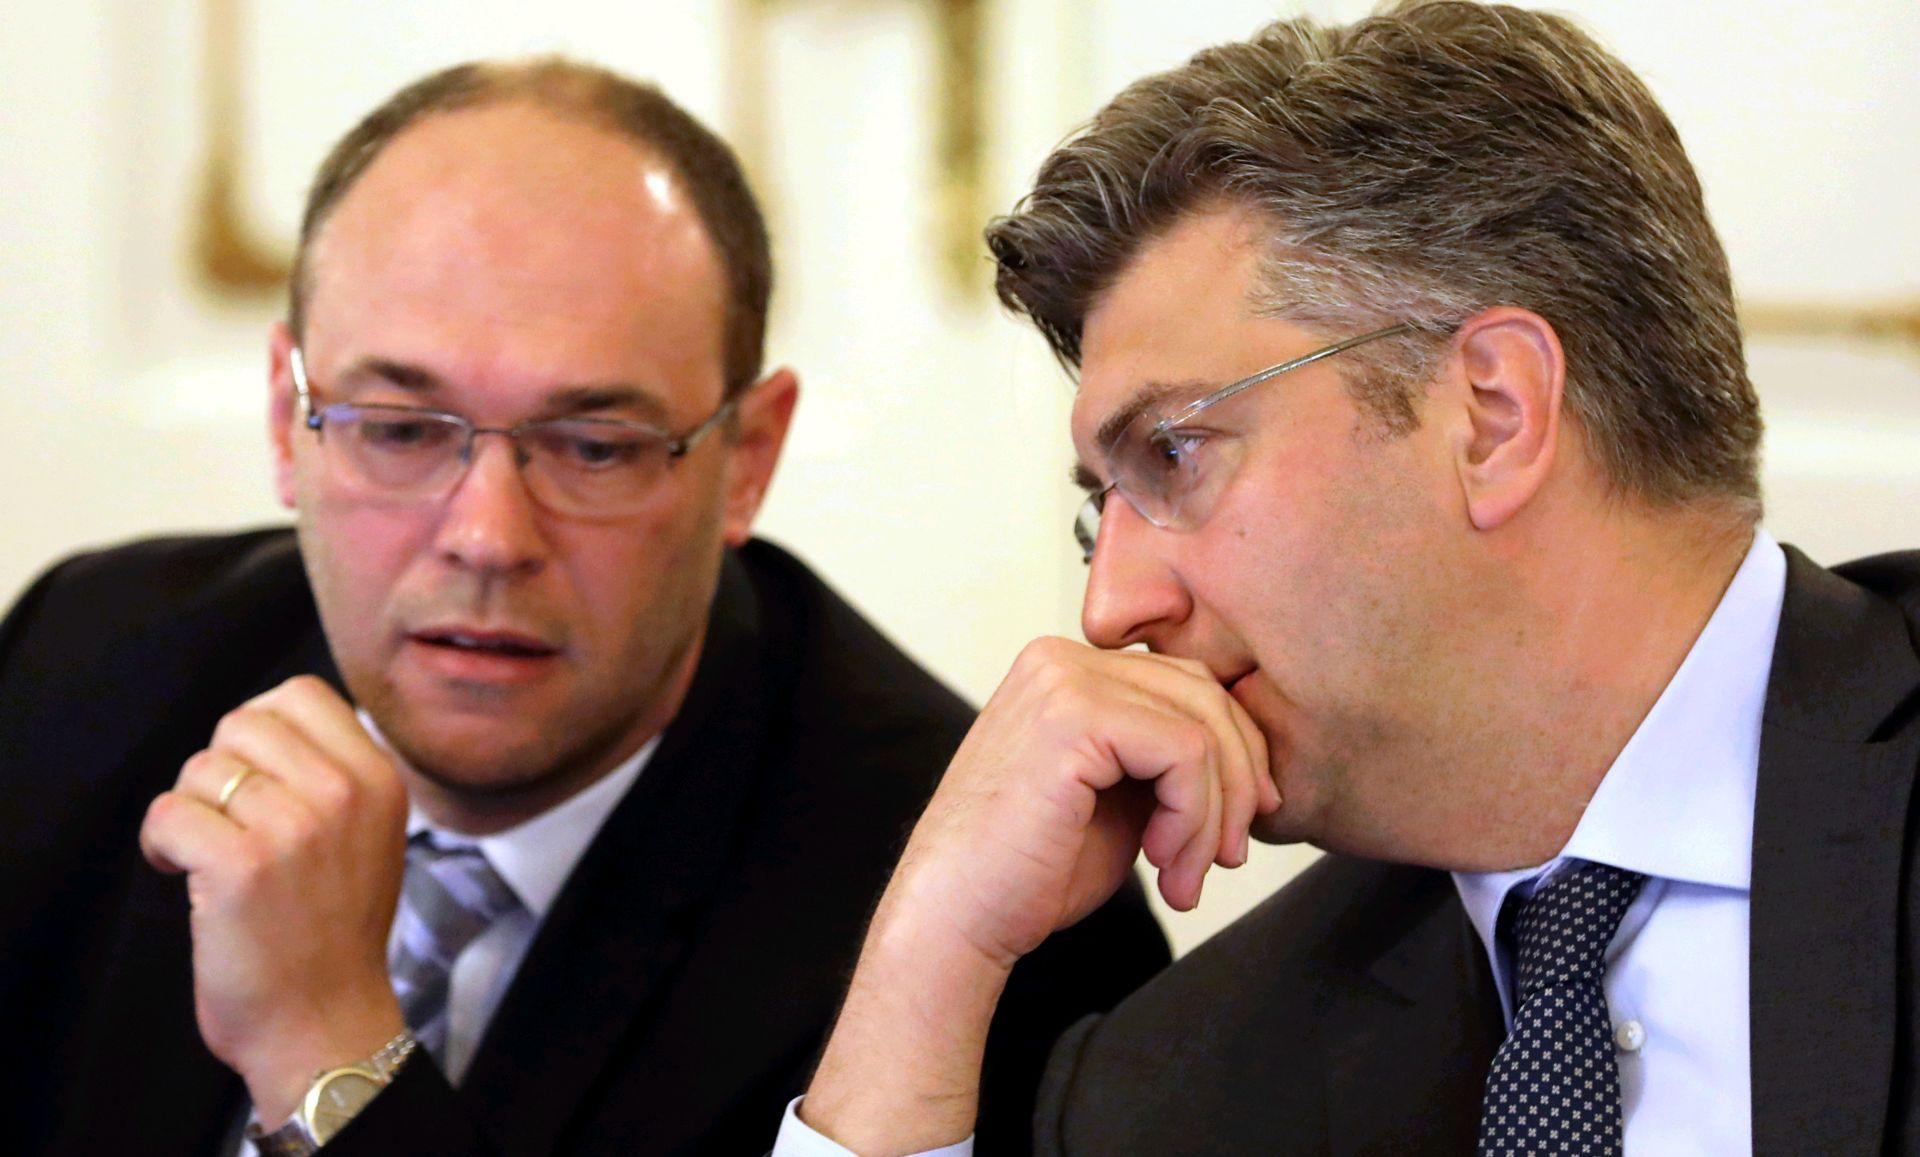 Stier suradnicima priznao da ima ambicije preuzeti HDZ